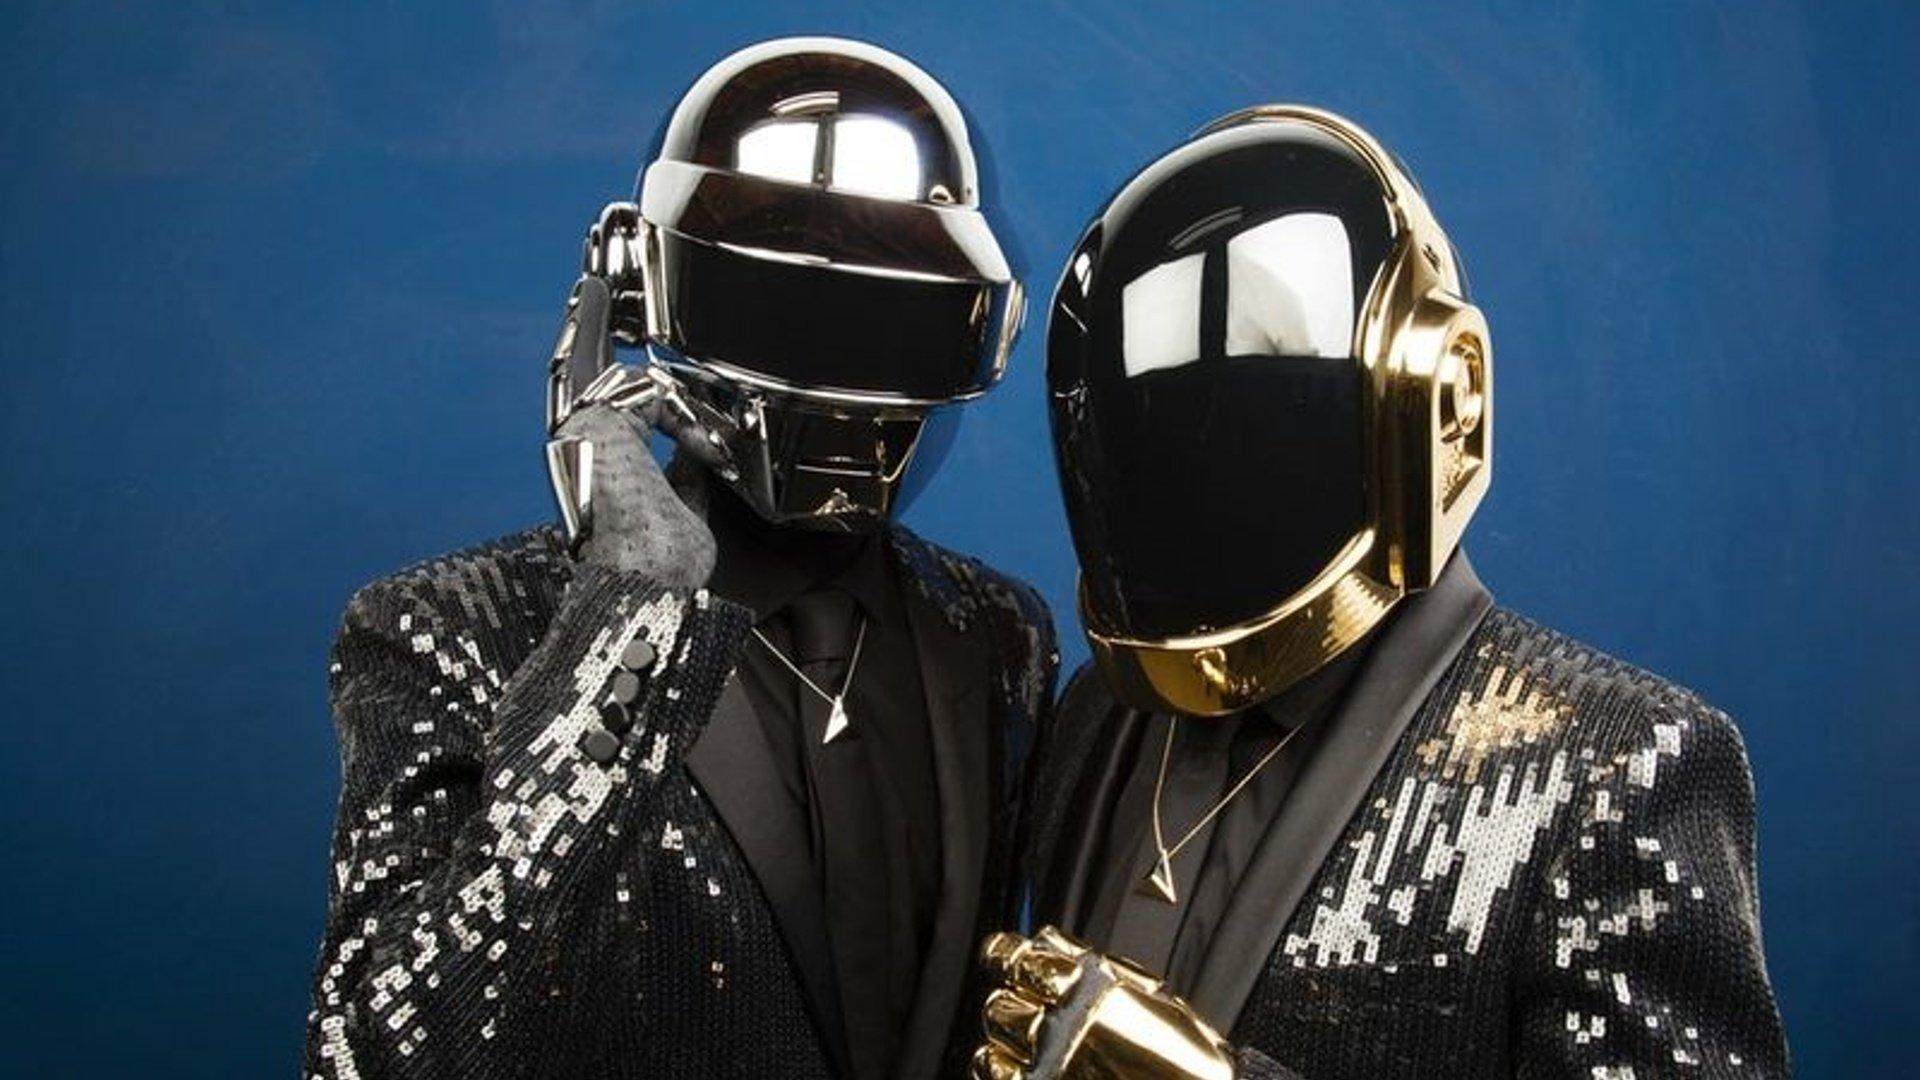 Daft Punk - to już koniec. Oto najlepsze utwory duetu